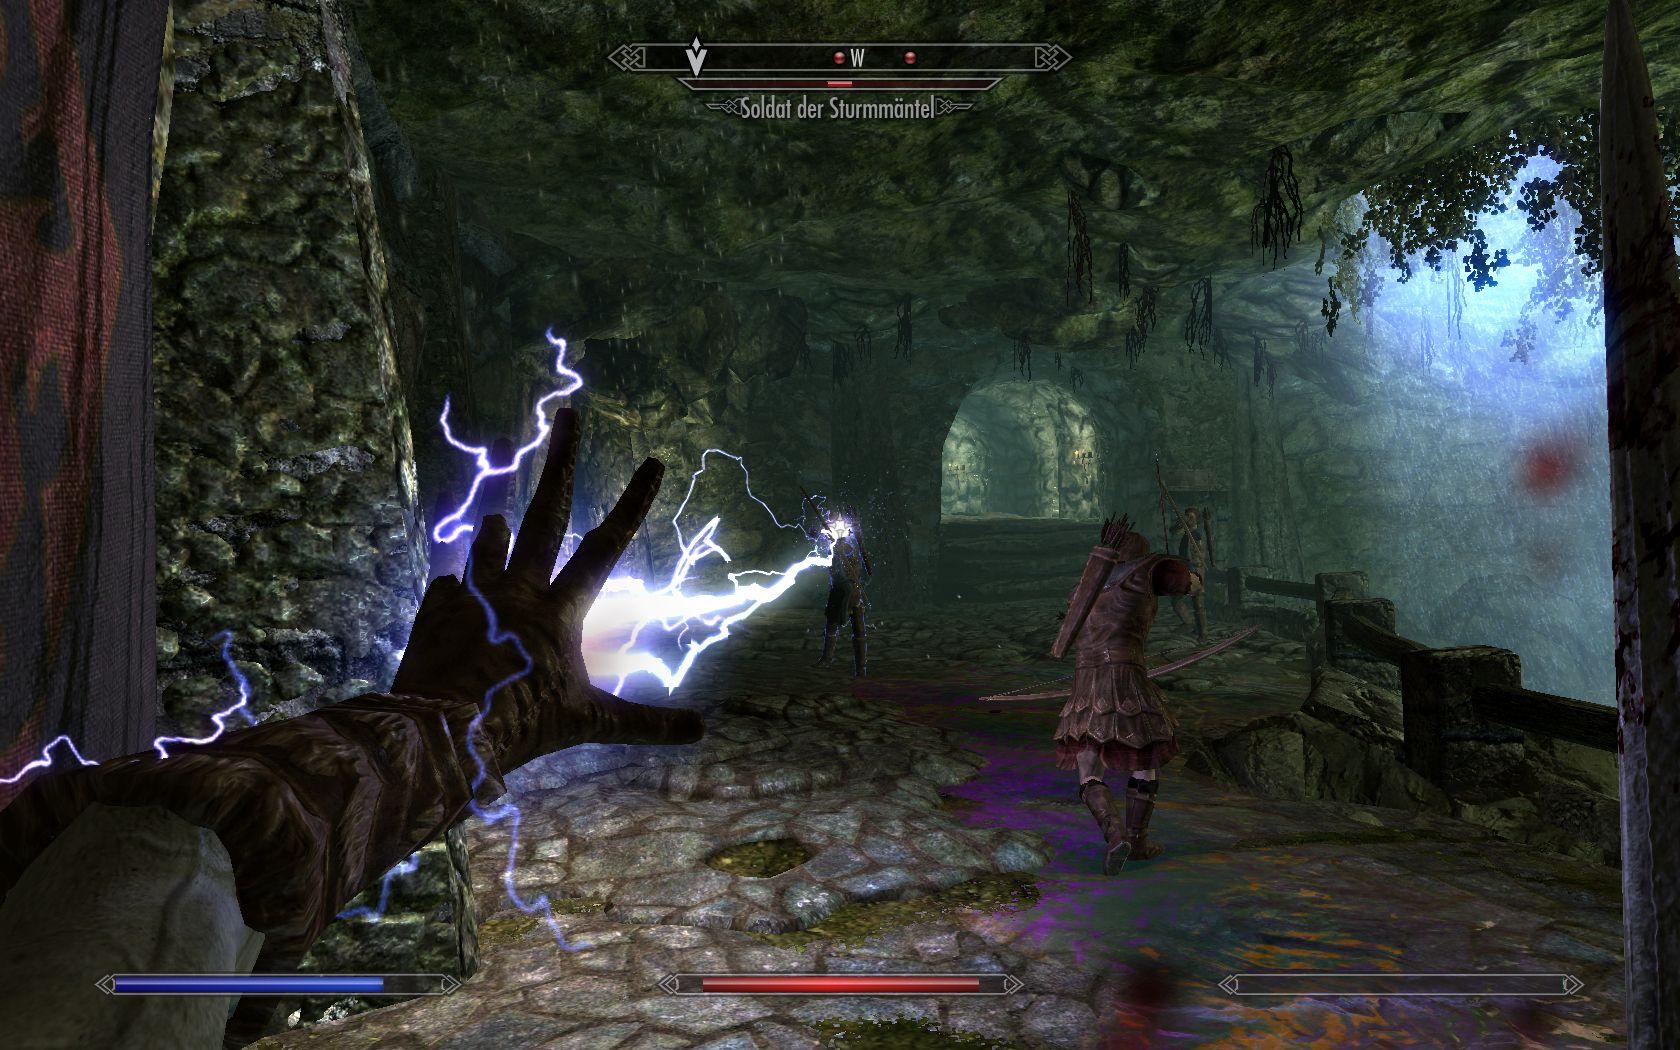 Kampf gegen den Feind im Dungeon